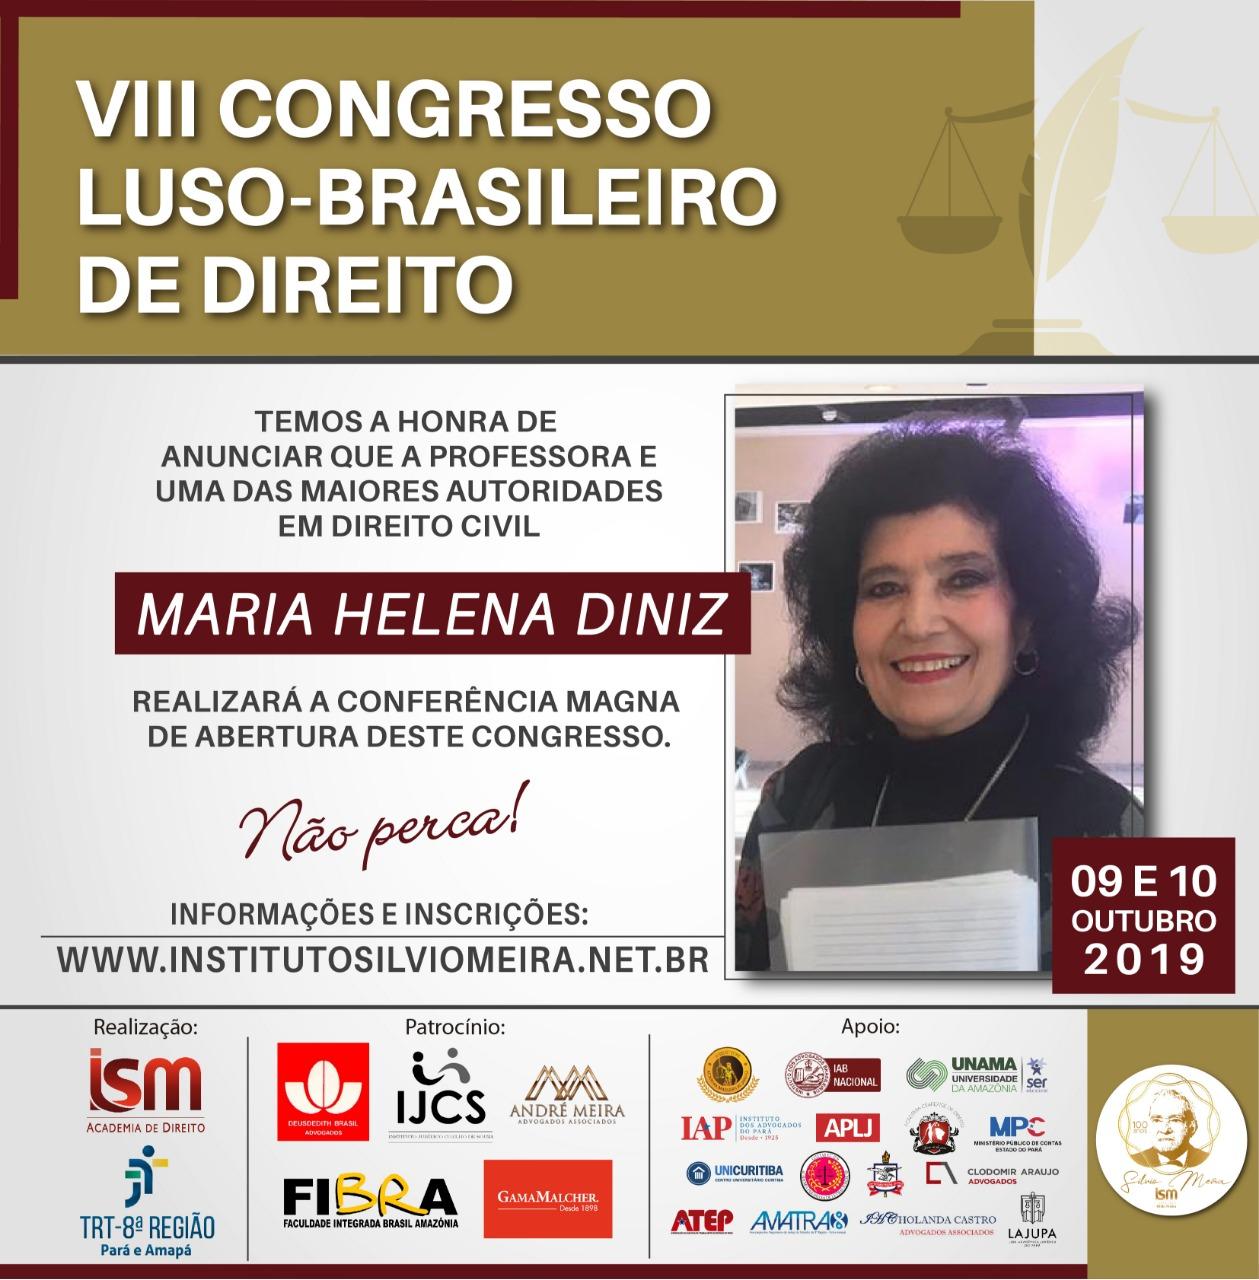 Maria Helena Diniz realizará conferência magna de abertura de congresso